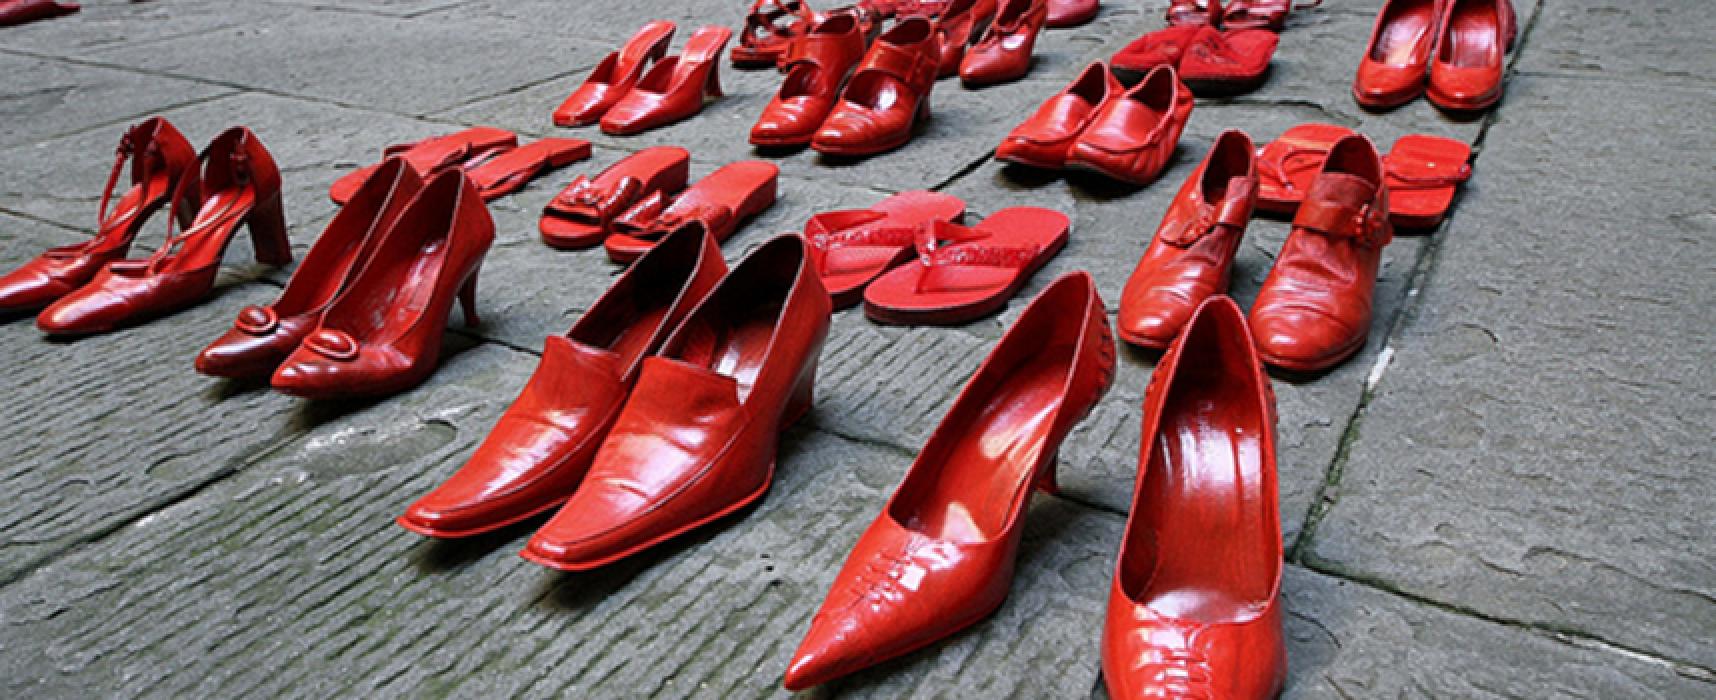 Le scarpe rosse di Sarah celebrano la giornata mondiale contro il femminicidio